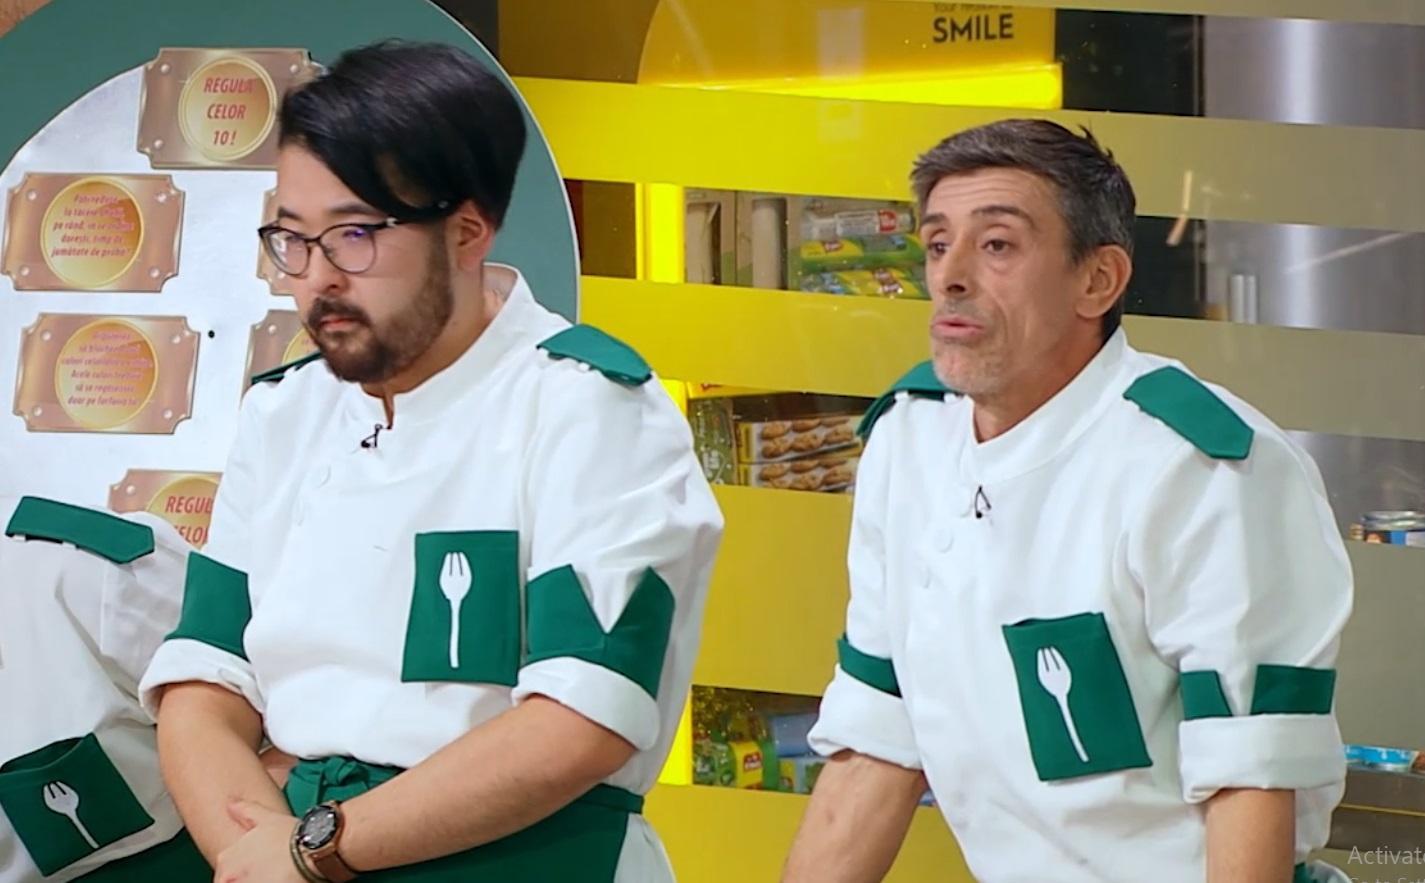 Chefi la cuțite, 10 mai 2021. Rikito Watanabe și Francisco Garcia s-au certat! De la ce a pornit totul